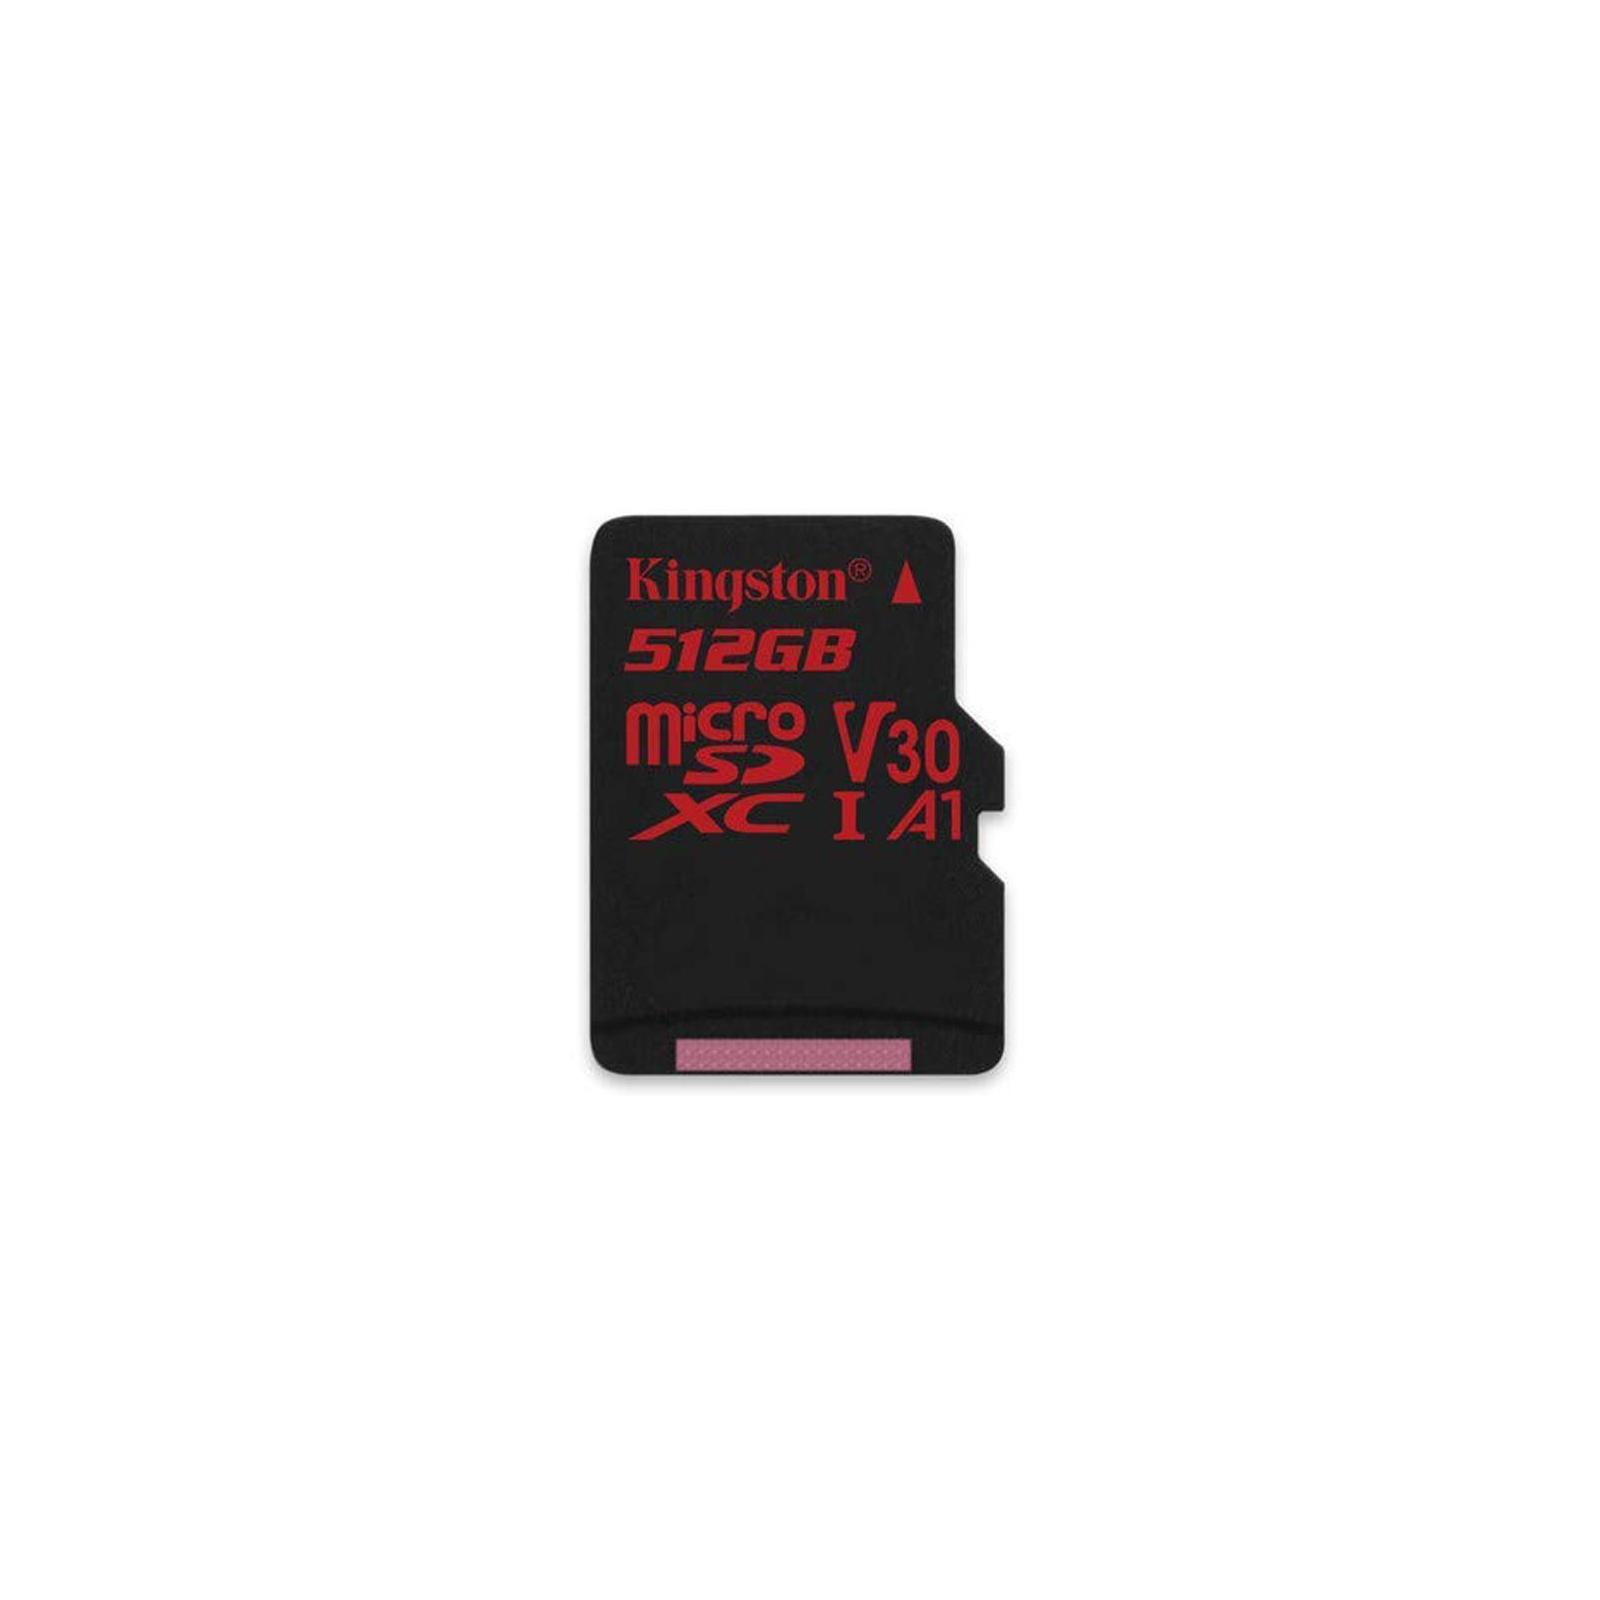 Карта памяти Kingston 512GB microSDXC class 10 UHS-I U3 Canvas React (SDCR/512GB) изображение 4